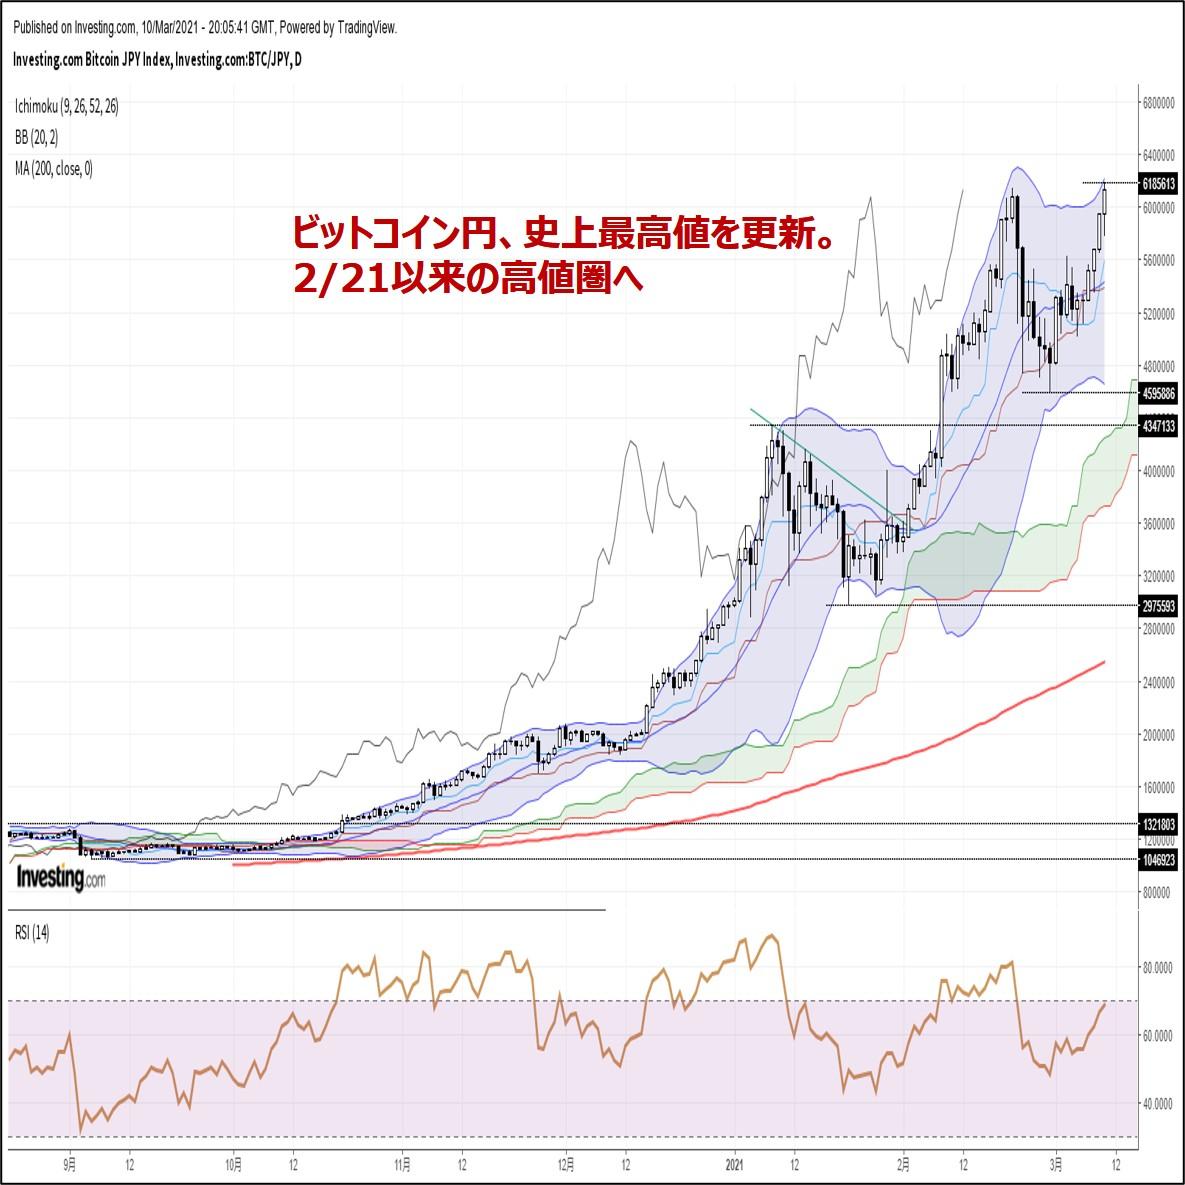 ビットコイン円、史上最高値を更新。2/21以来の高値圏へ(3/11朝)